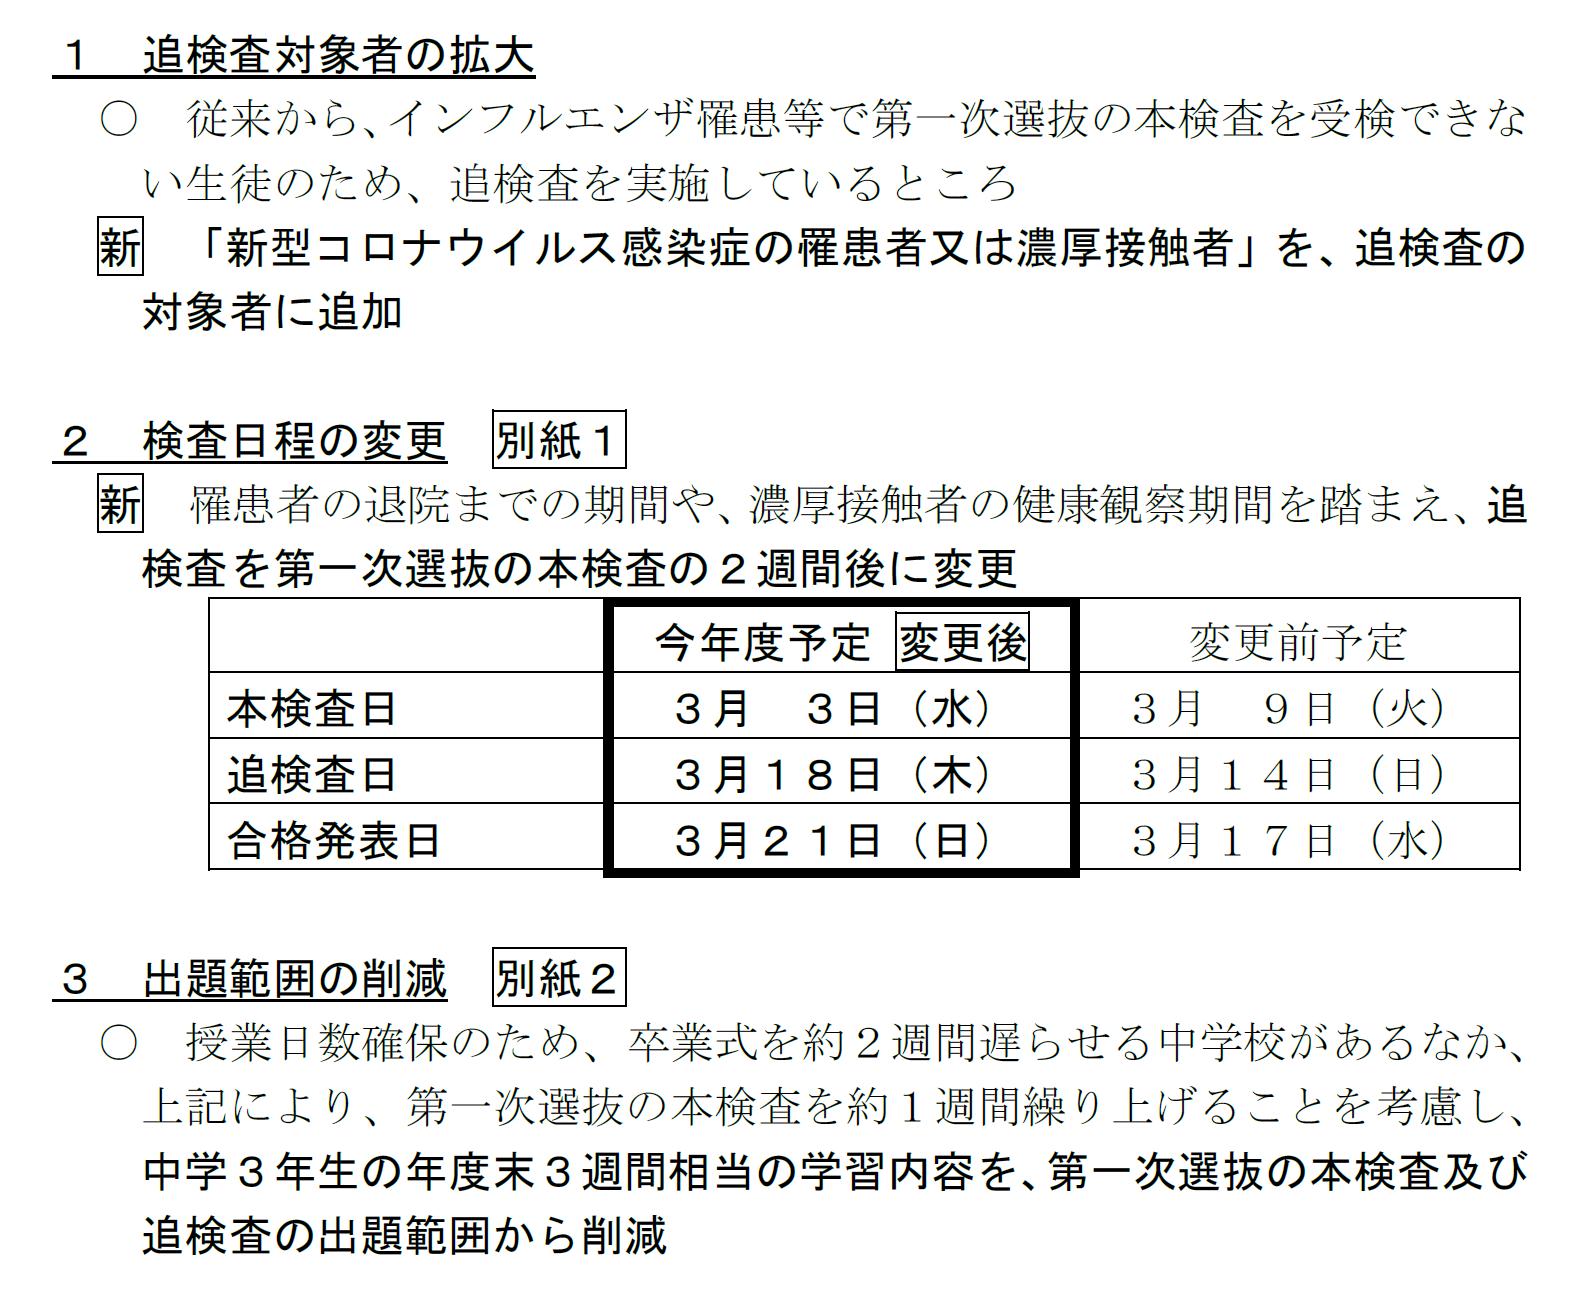 倍率 高校 2021 最新 公立 県 岐阜